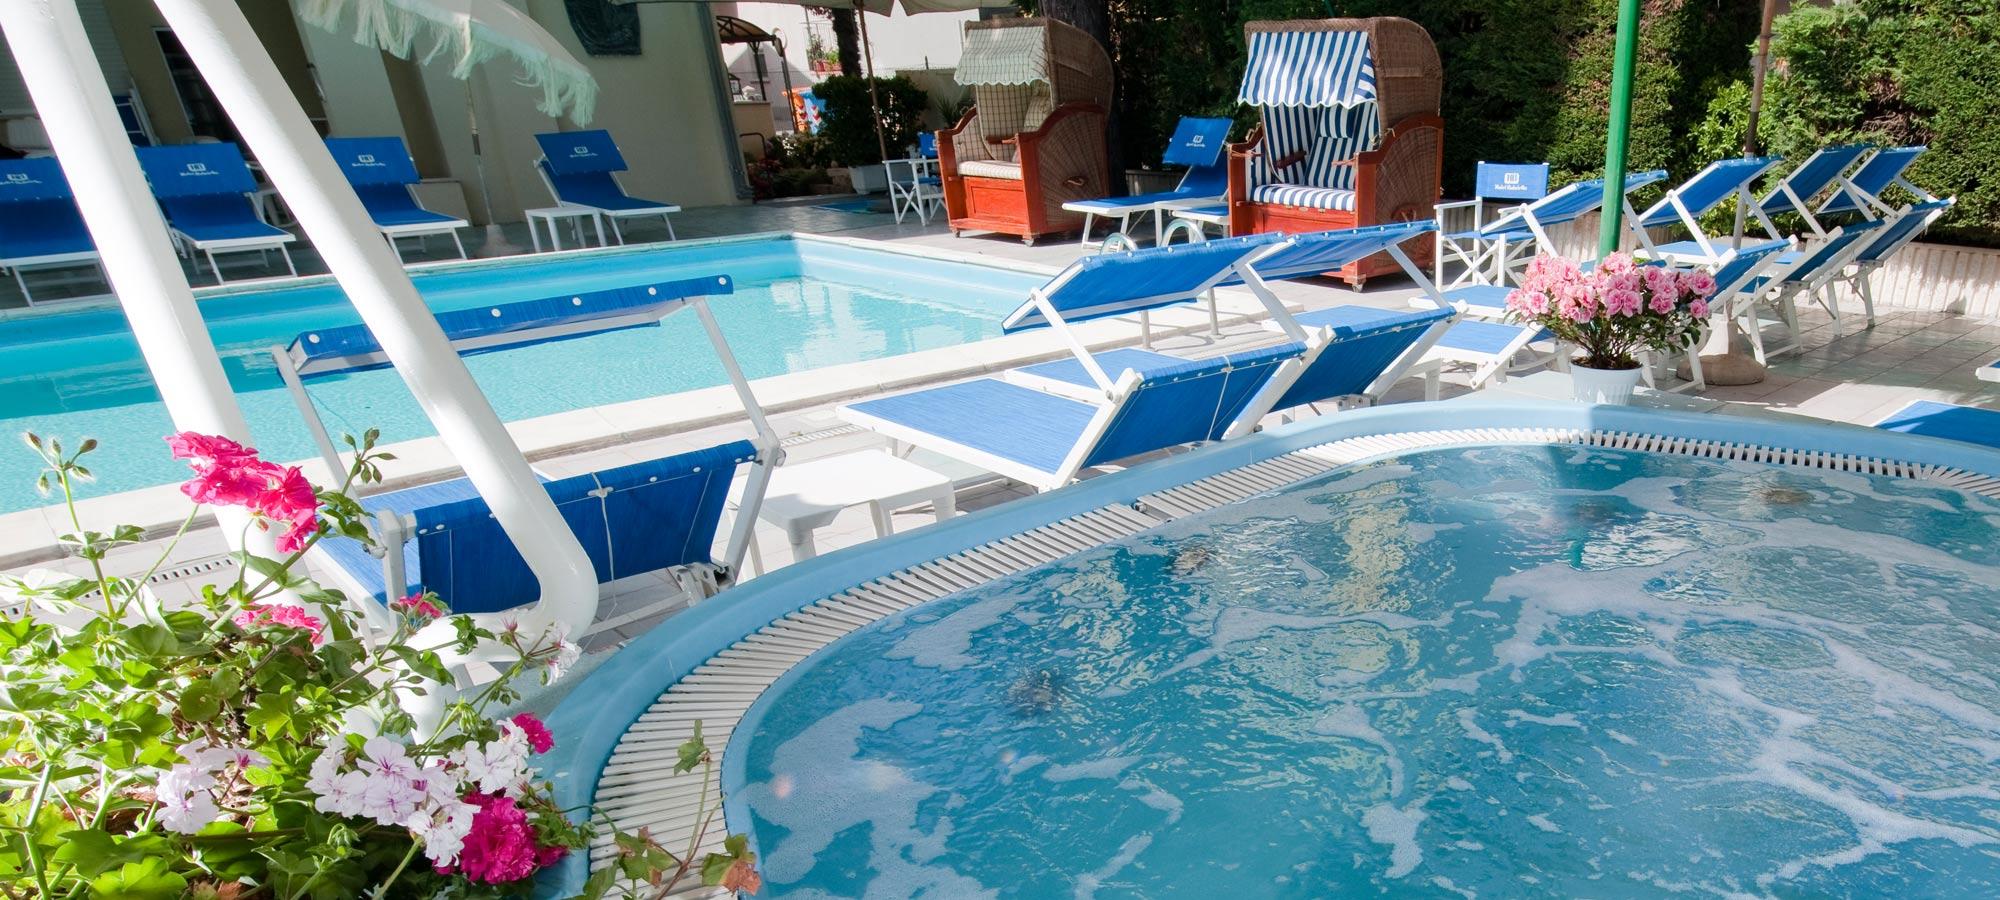 Hotel con piscina a torre pedrera di rimini hotel gabriella - Hotel con piscina a rimini ...